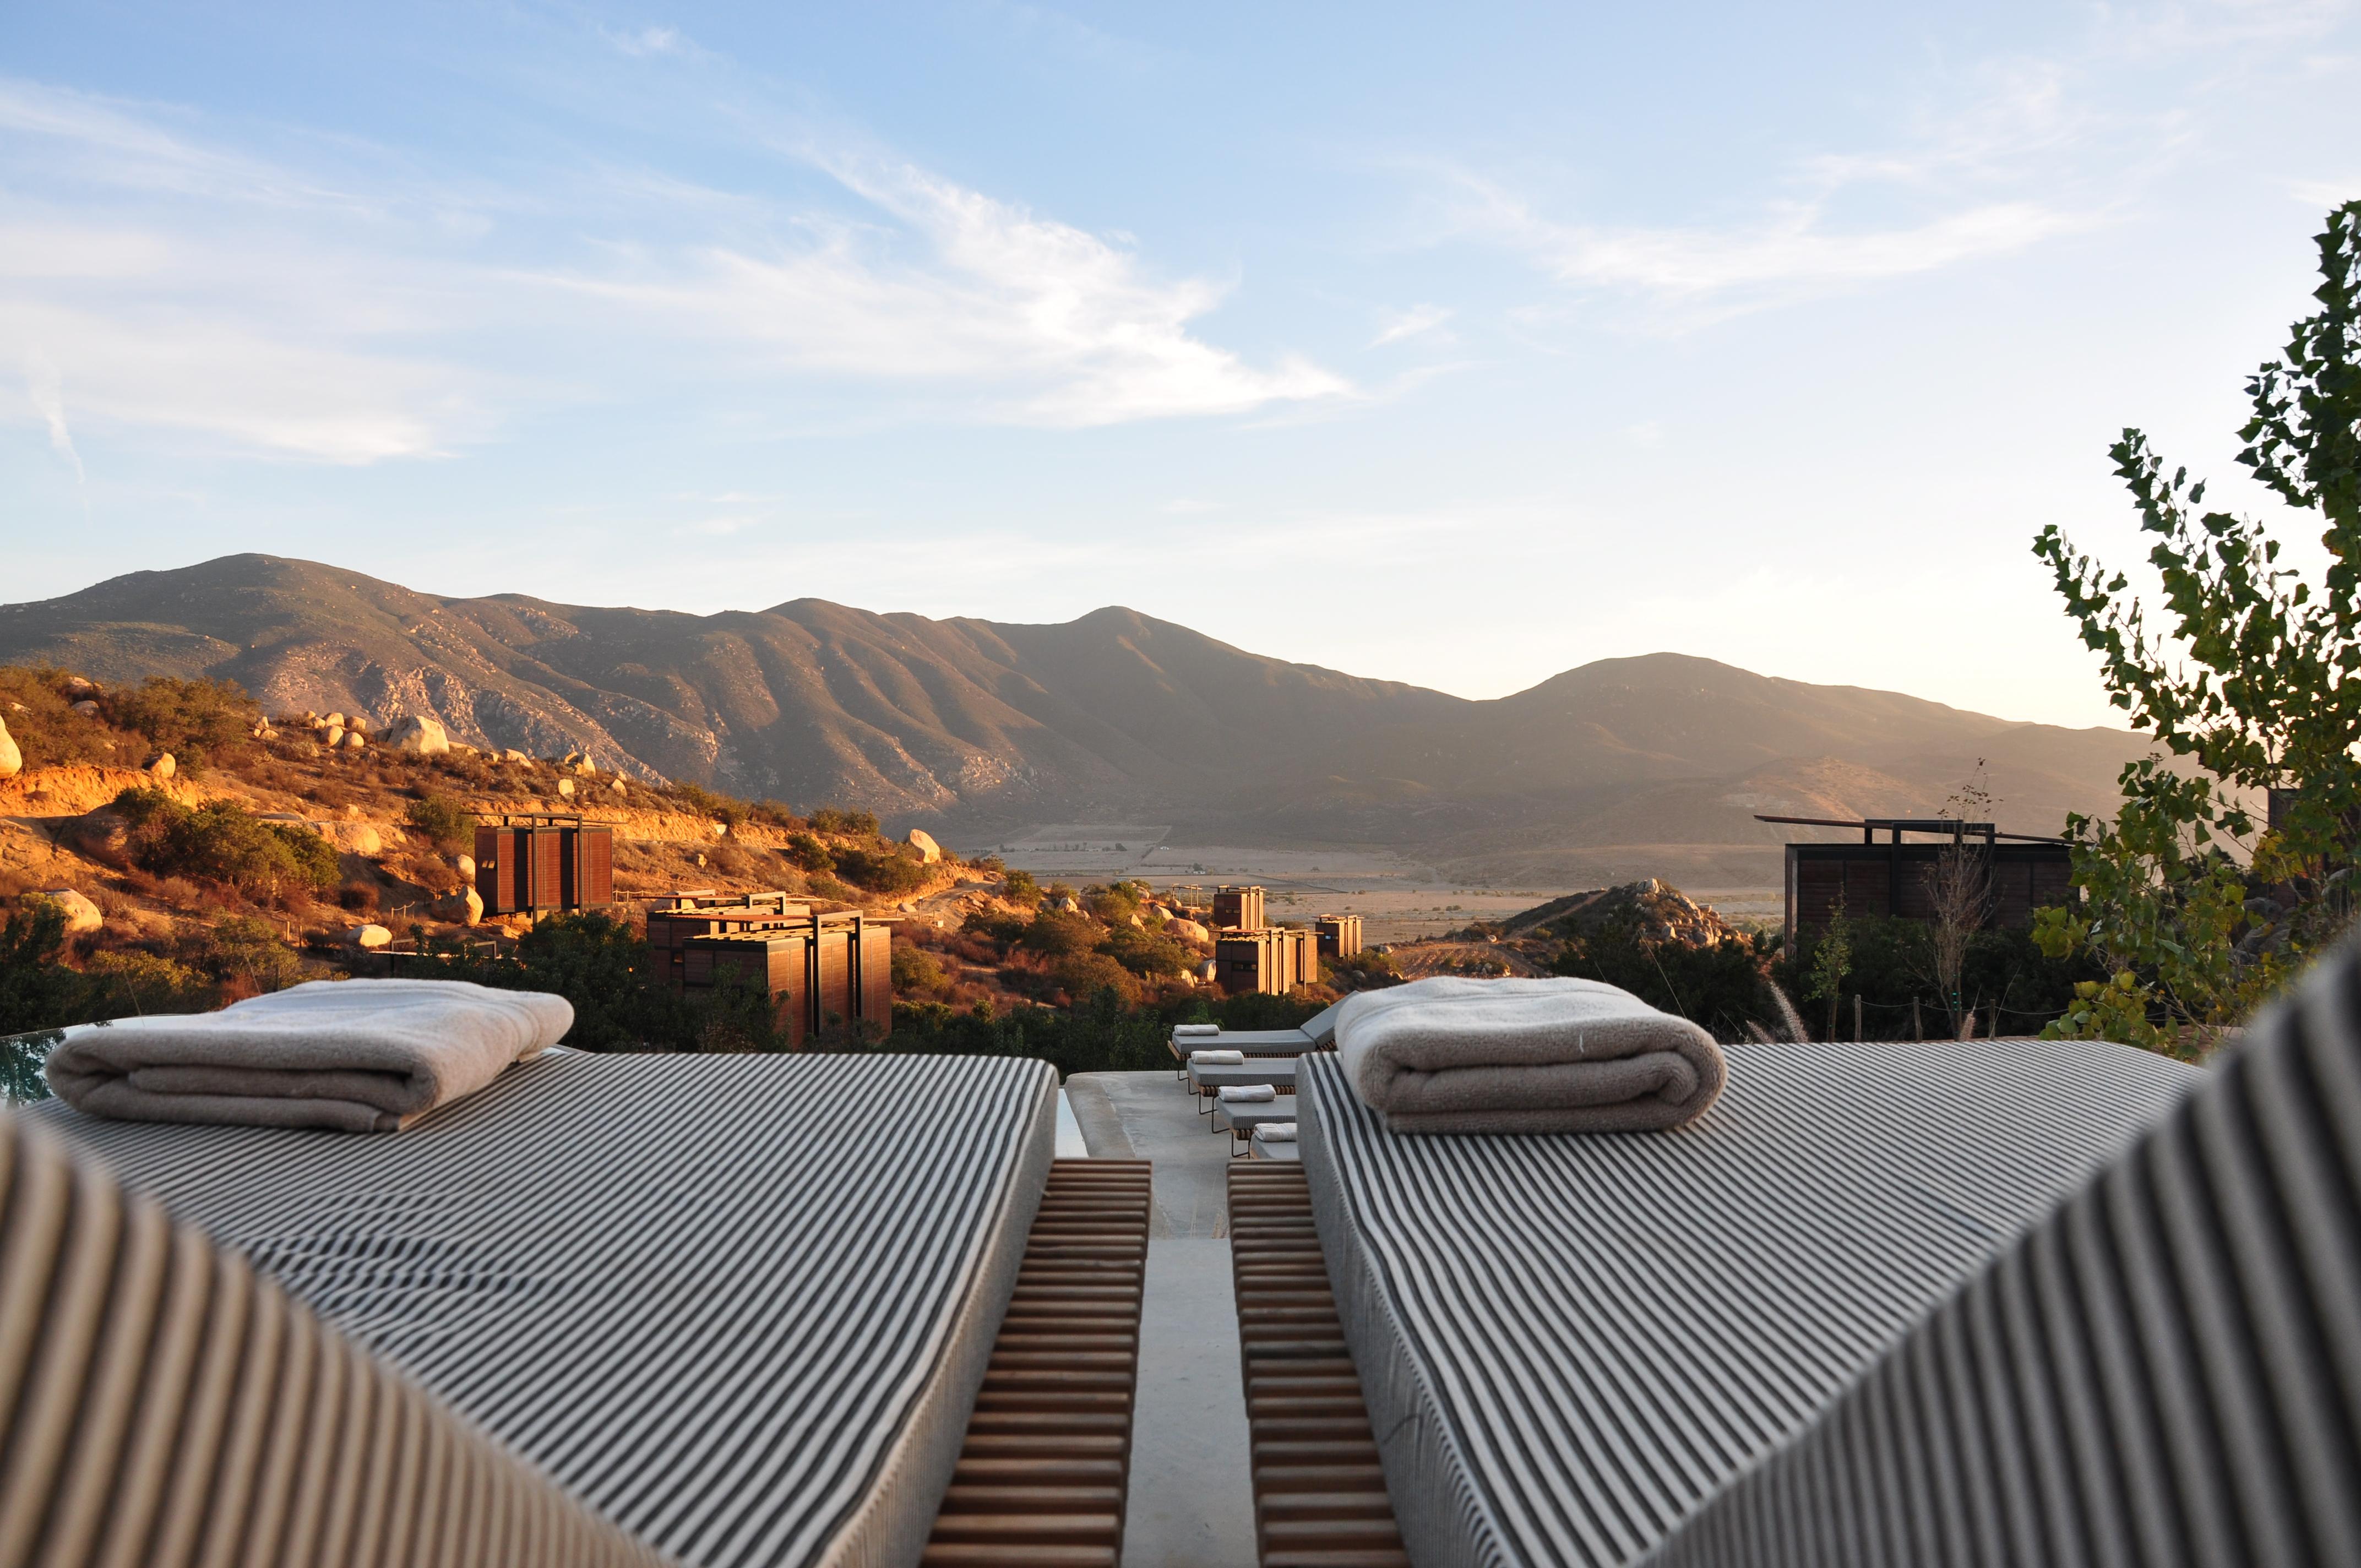 Espreguiçadeiras nas montanhas (Unsplash) .jpg Português: Encuentro Guadalupe, El Porvenir, México Data 16 de outubro de 2015 Fonte https: // unsplash